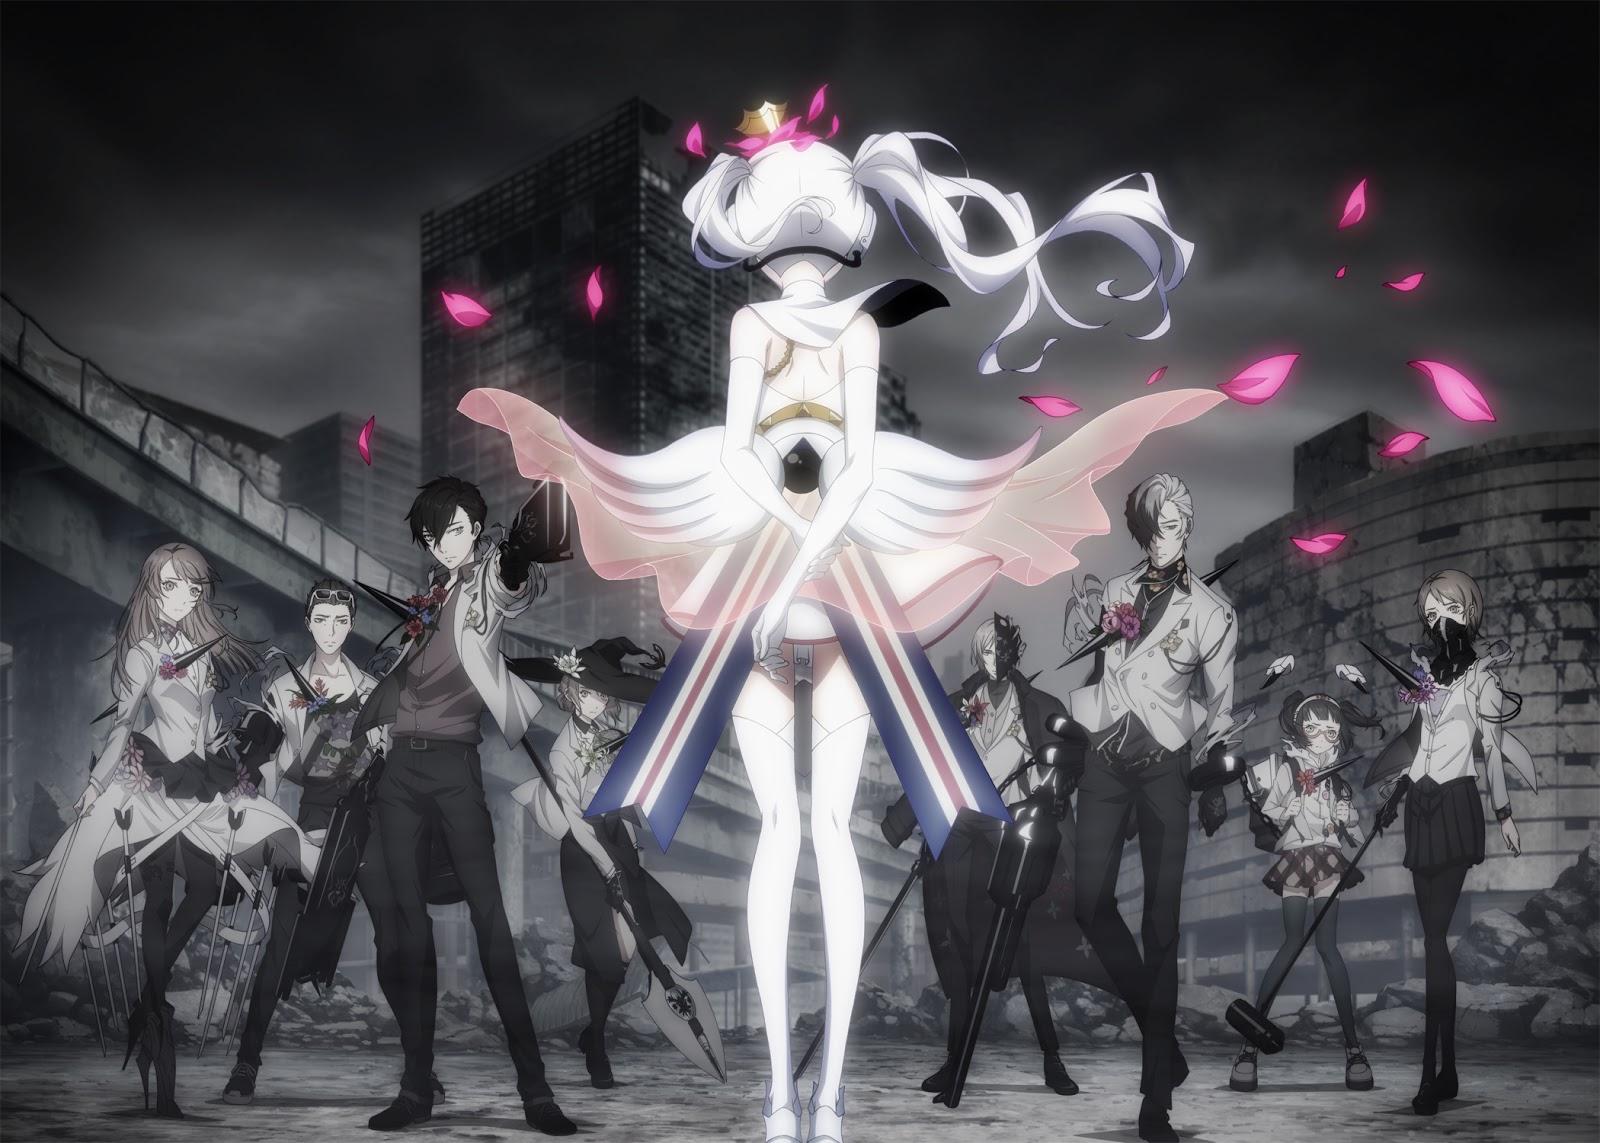 Caligula anime wallpaper hd